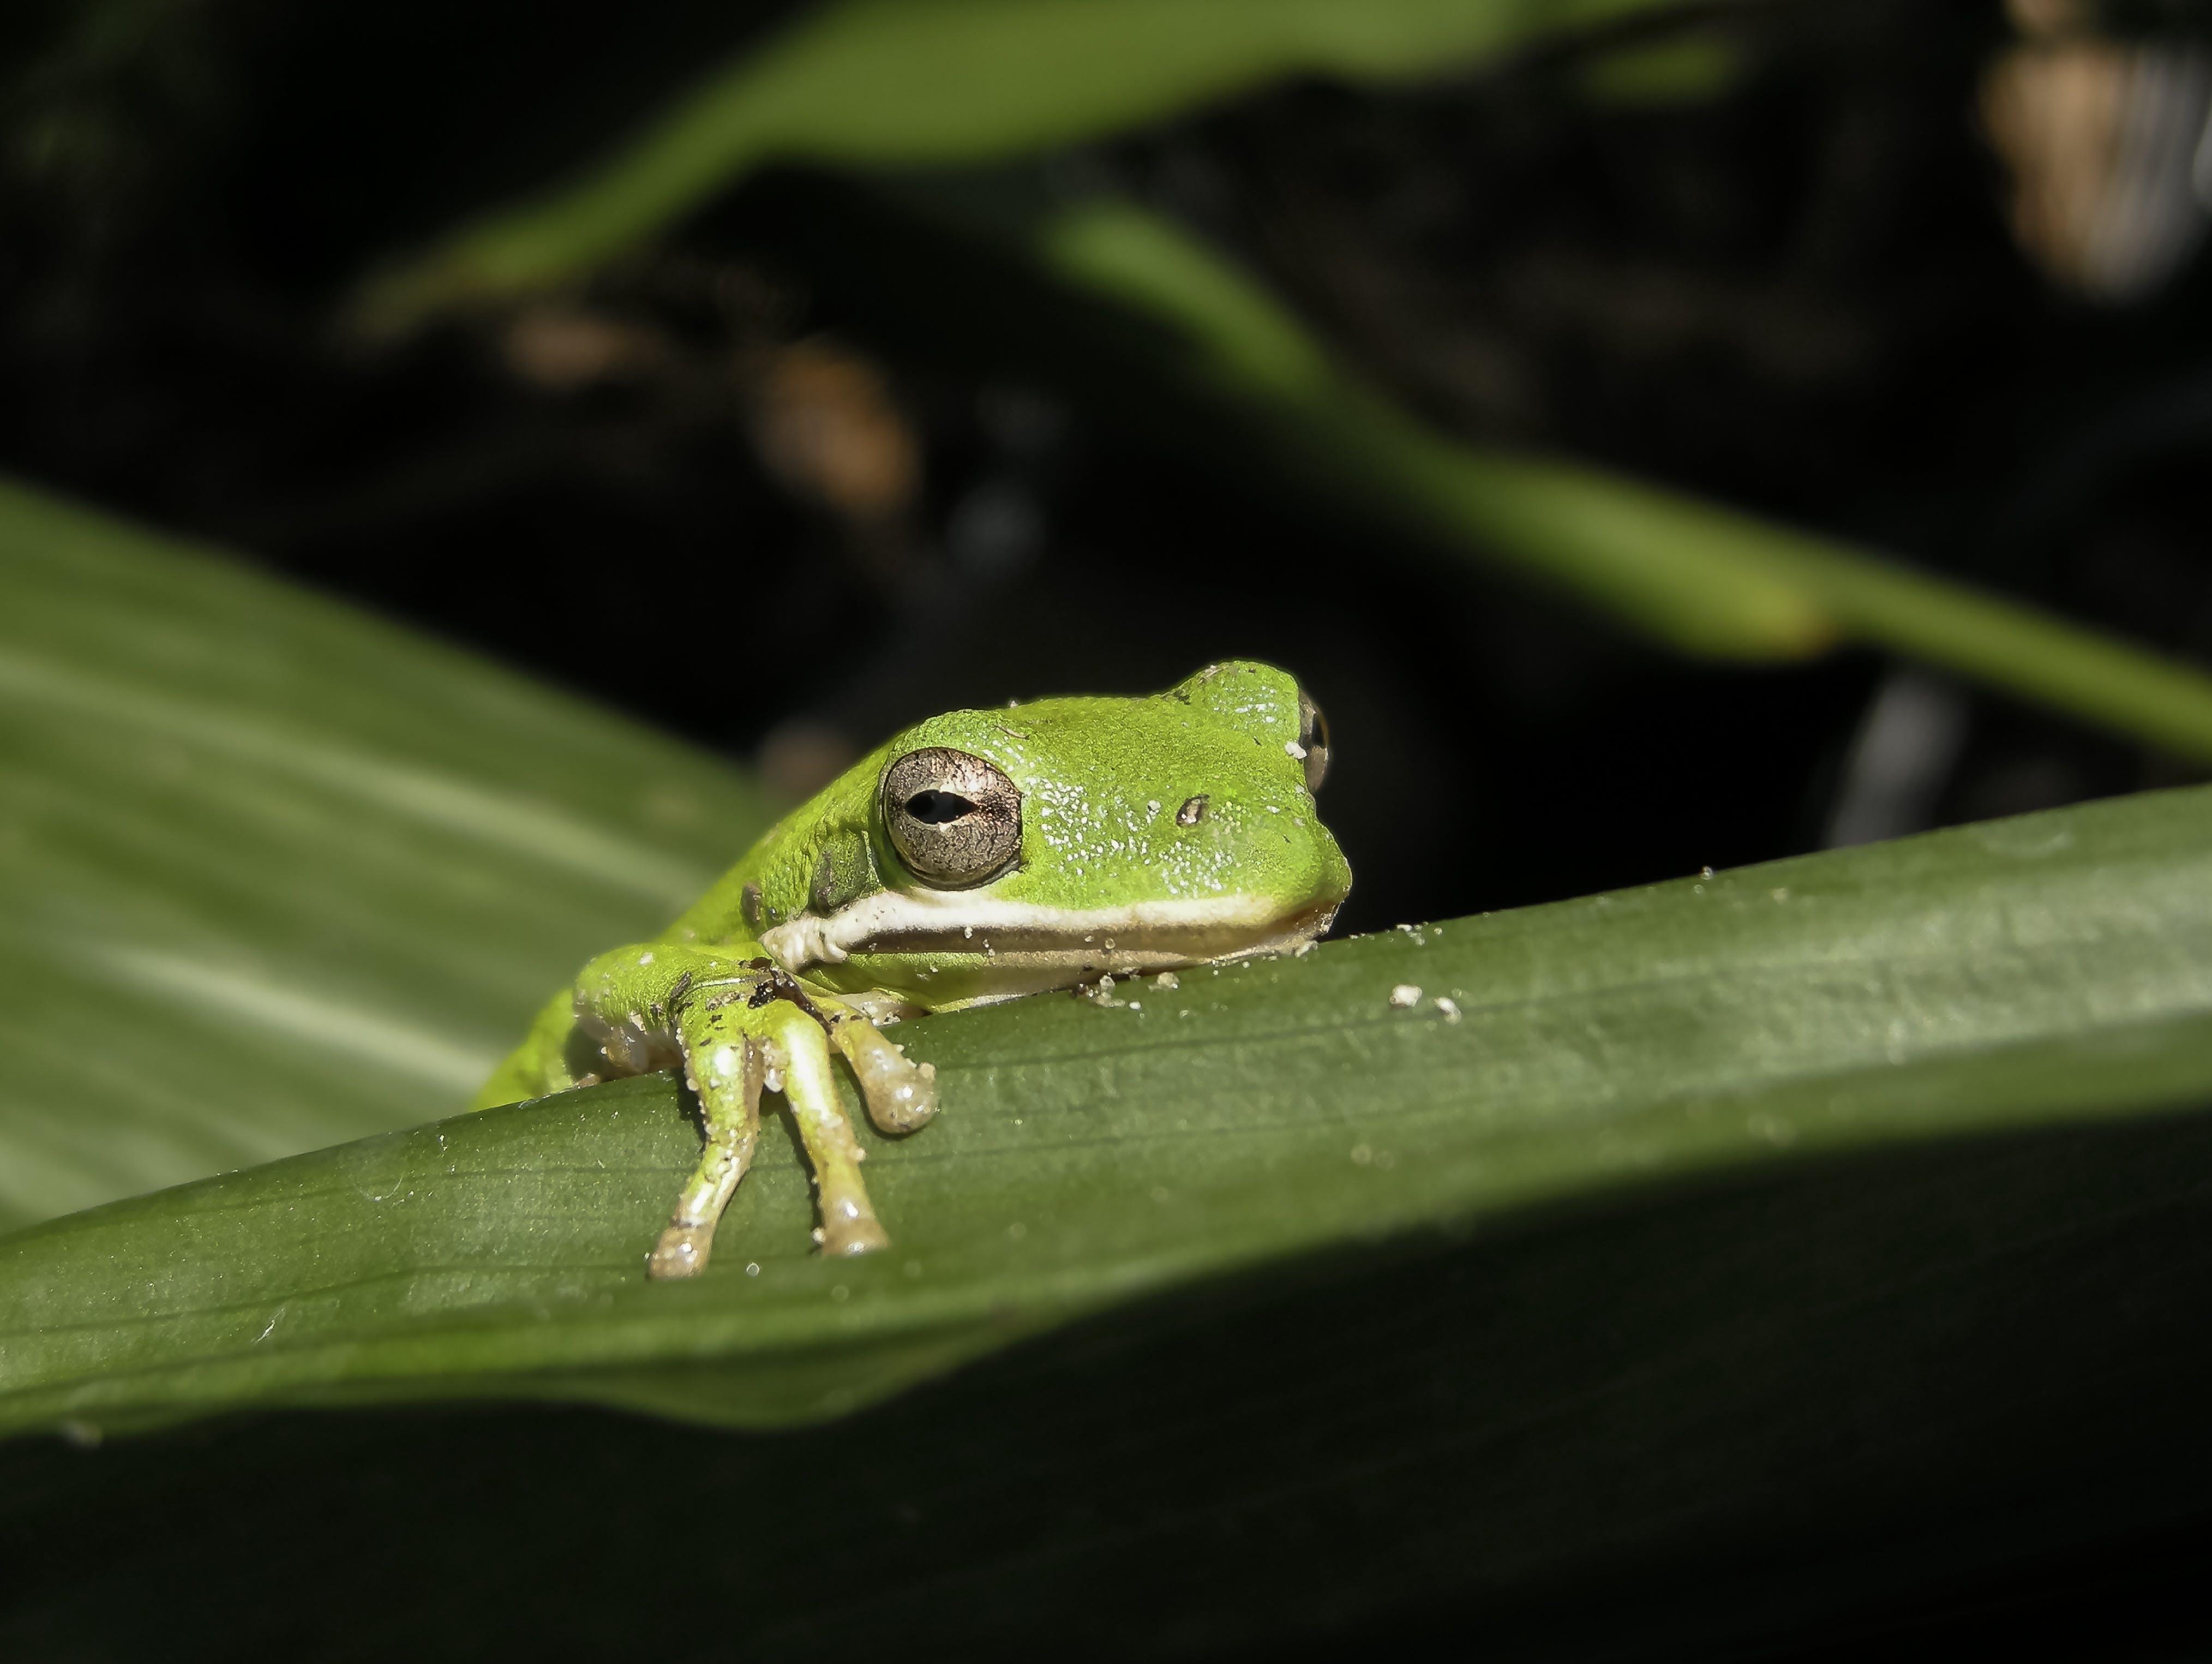 カエル, 両生類, 動物, 動物の写真の無料の写真素材